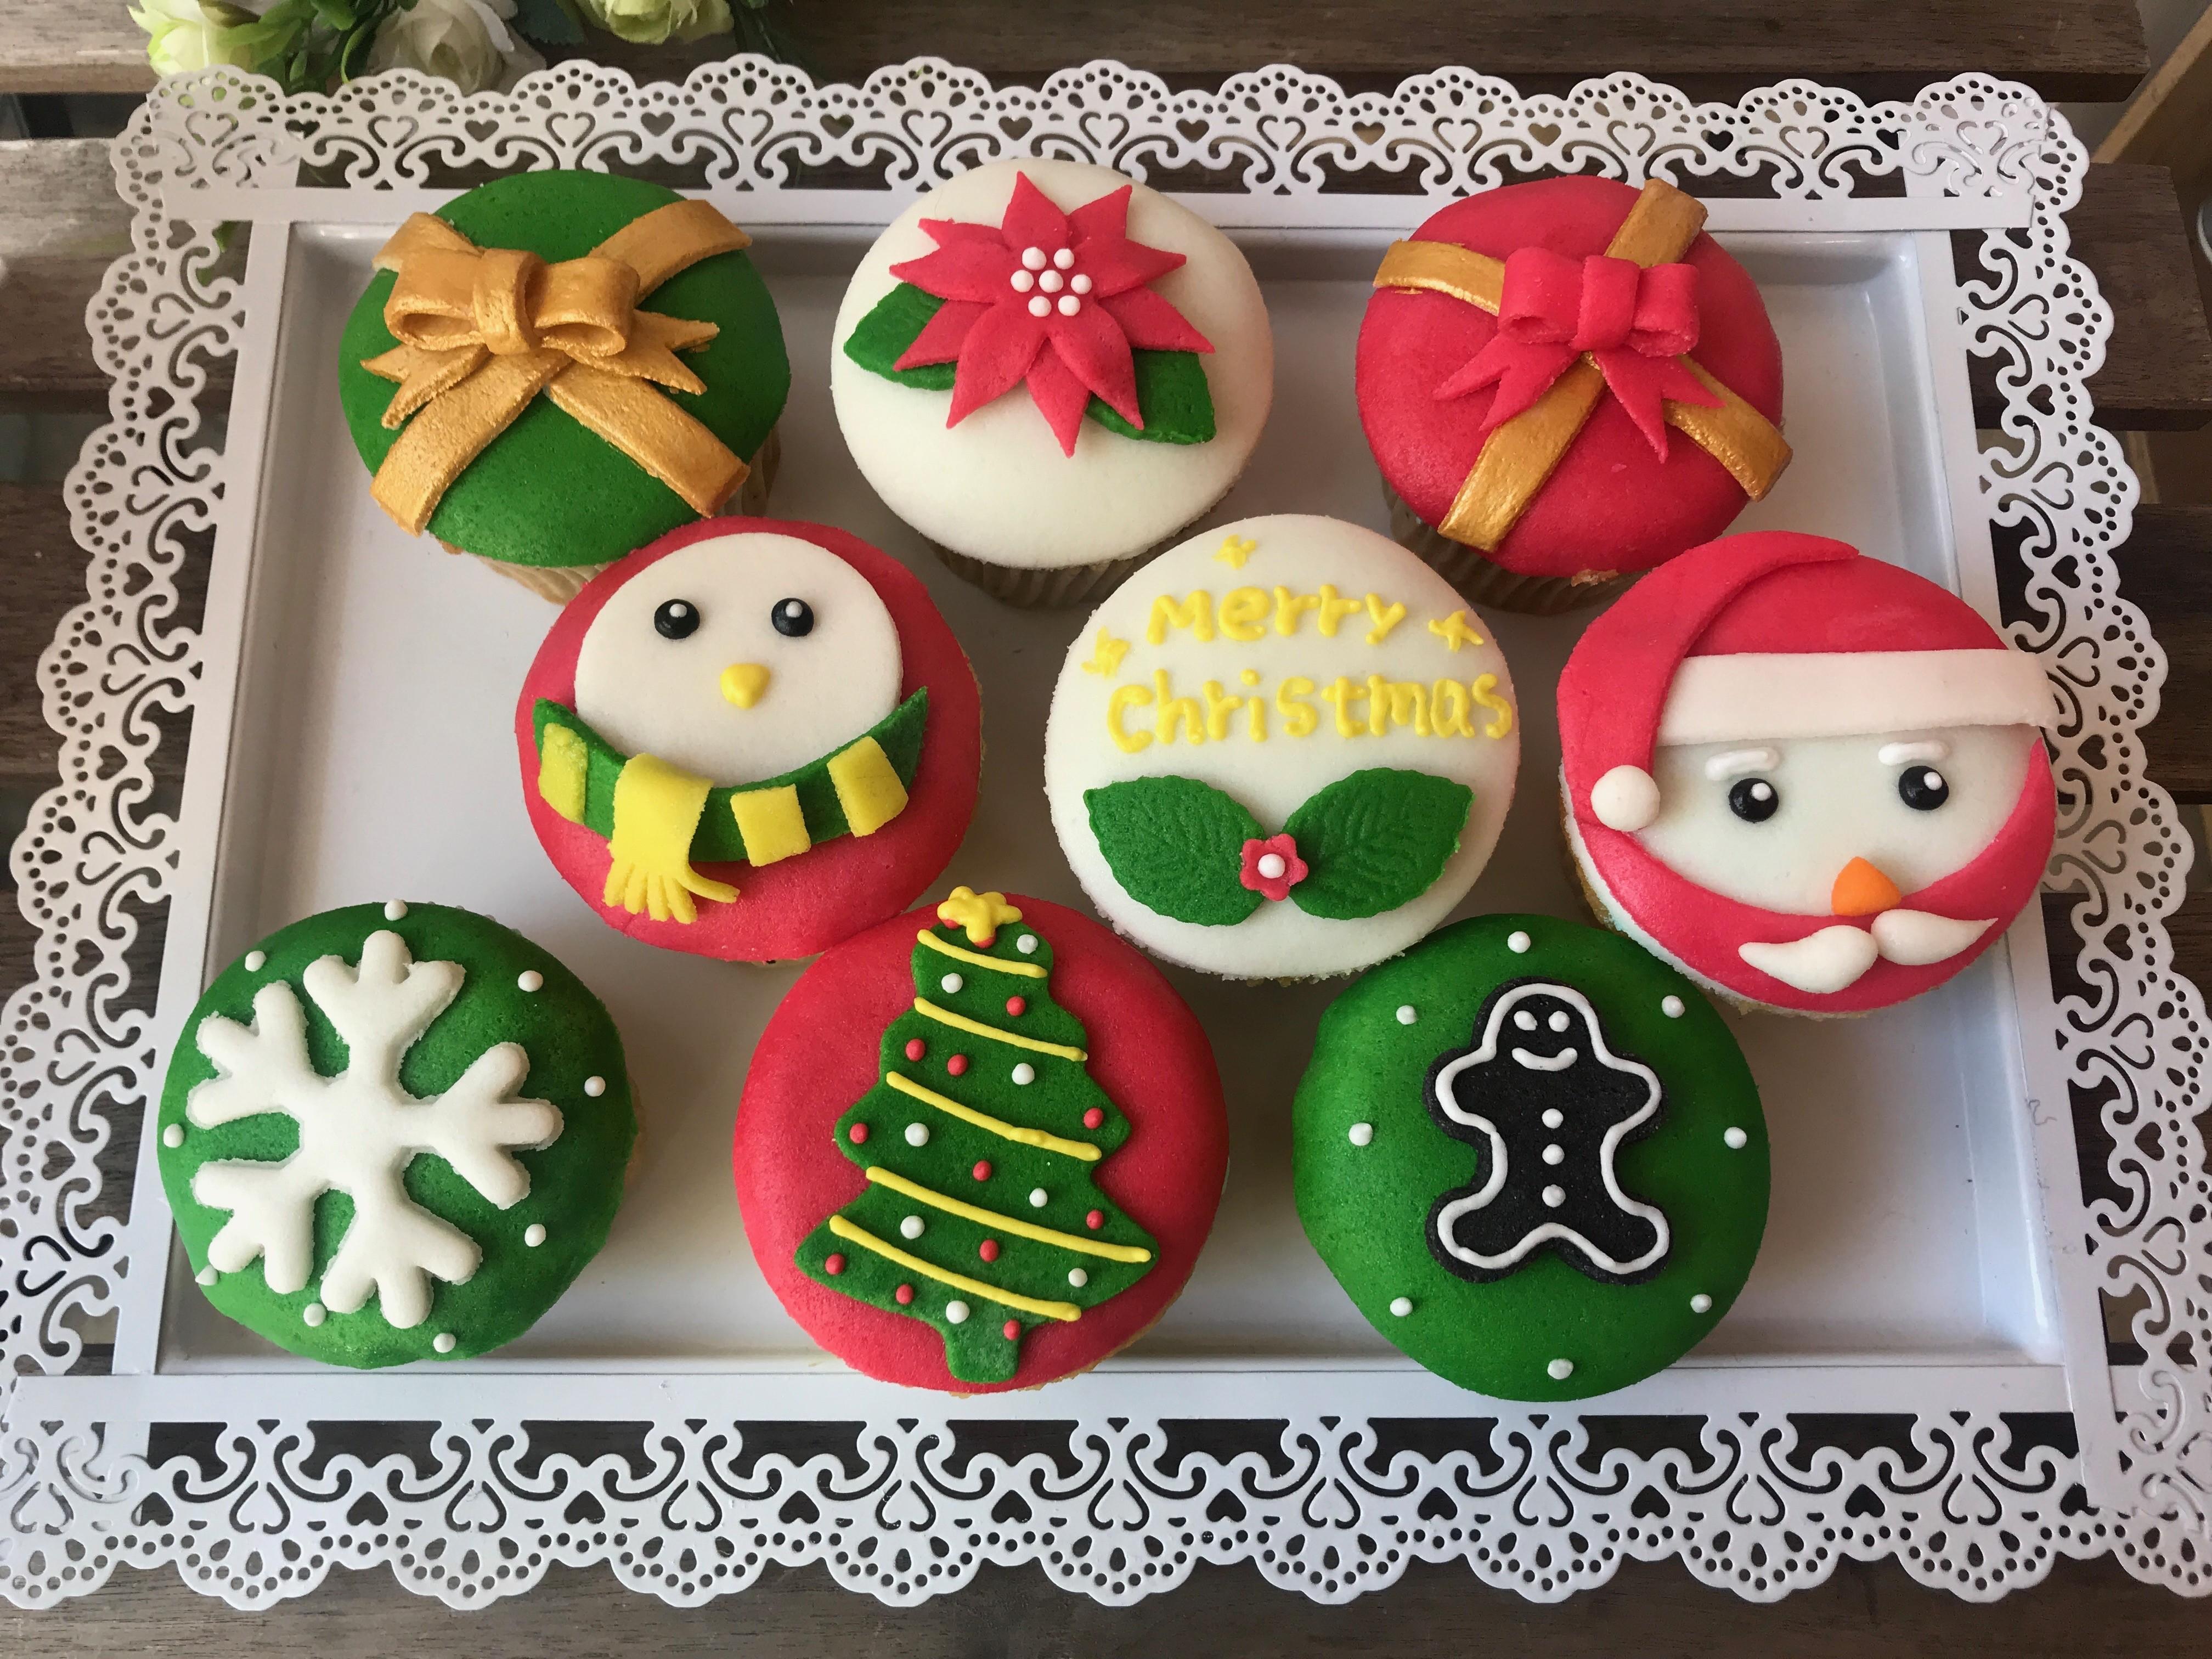 聖誕節造型翻糖杯子蛋糕~9入組